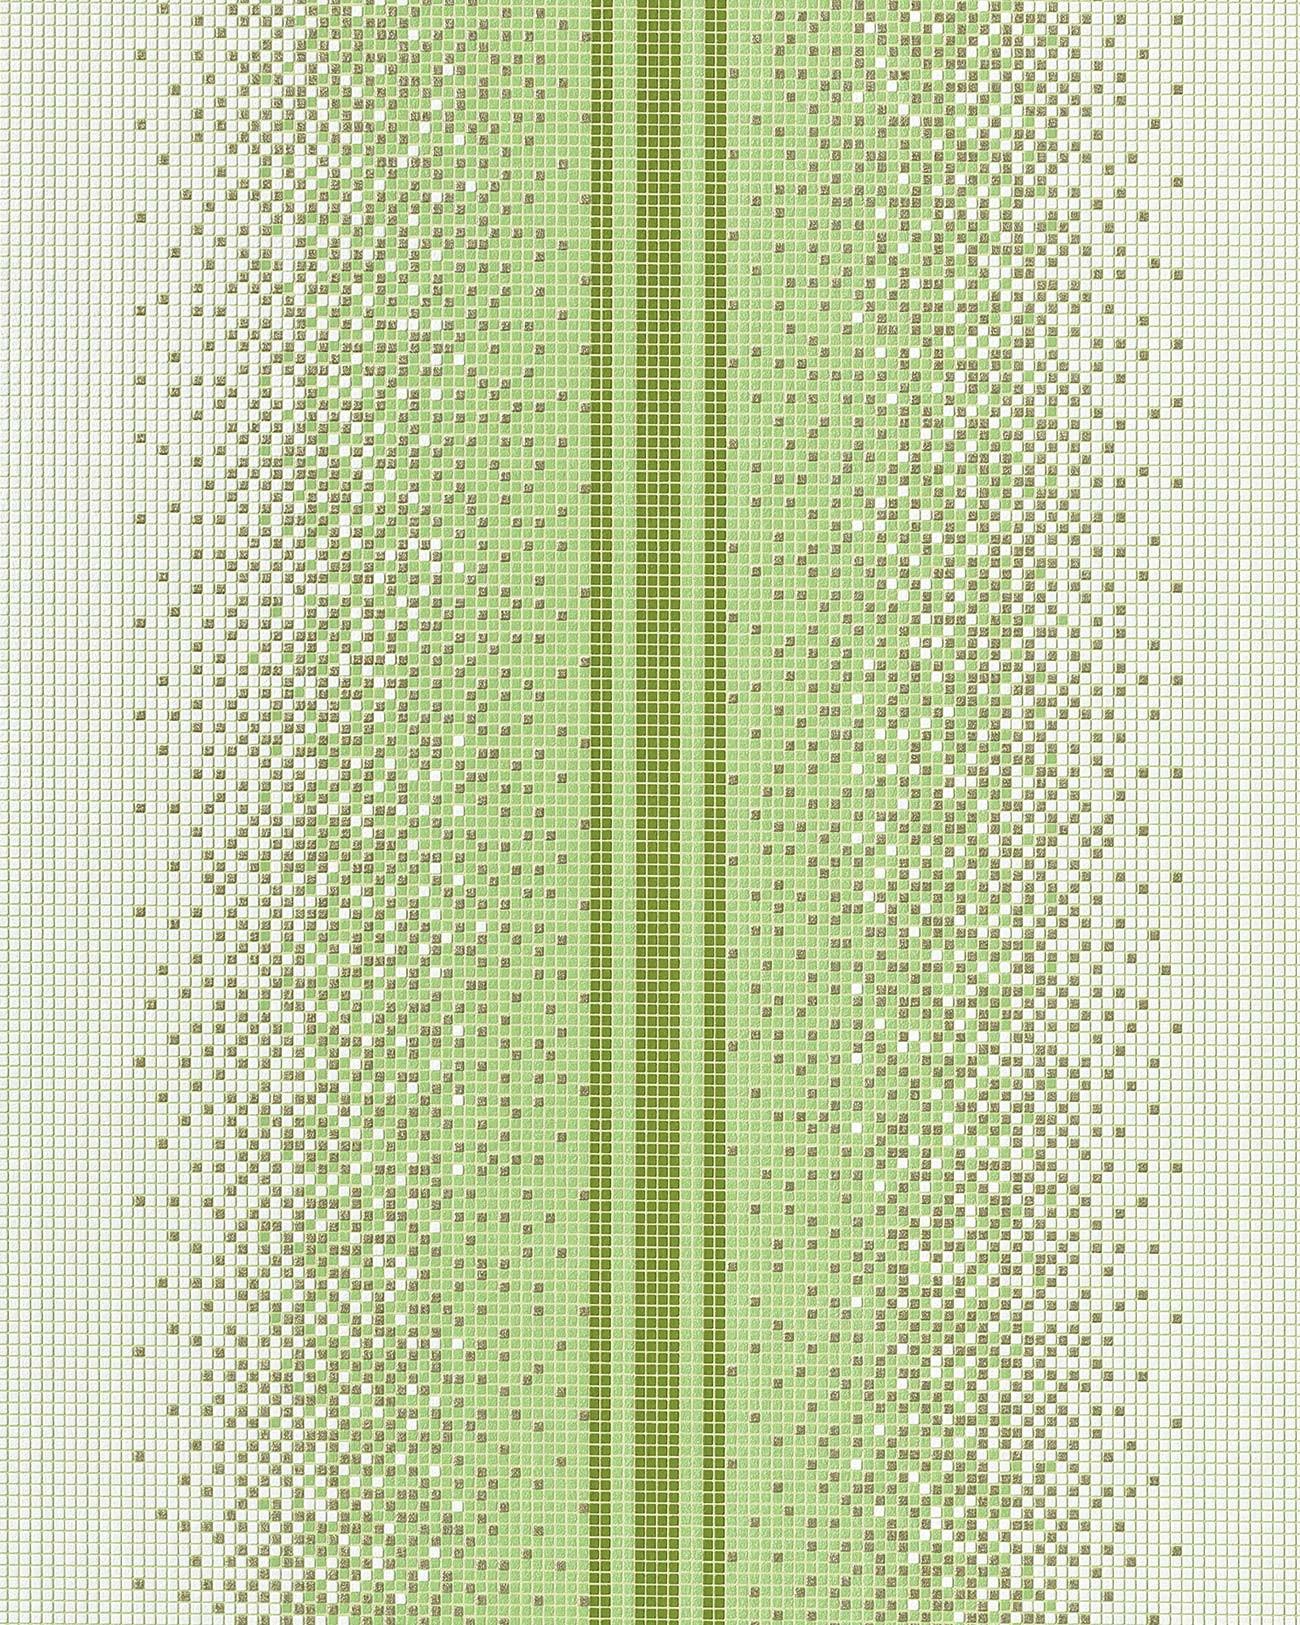 behang design tegel mozaà ek met strepen edem 1023 15 behangpapier